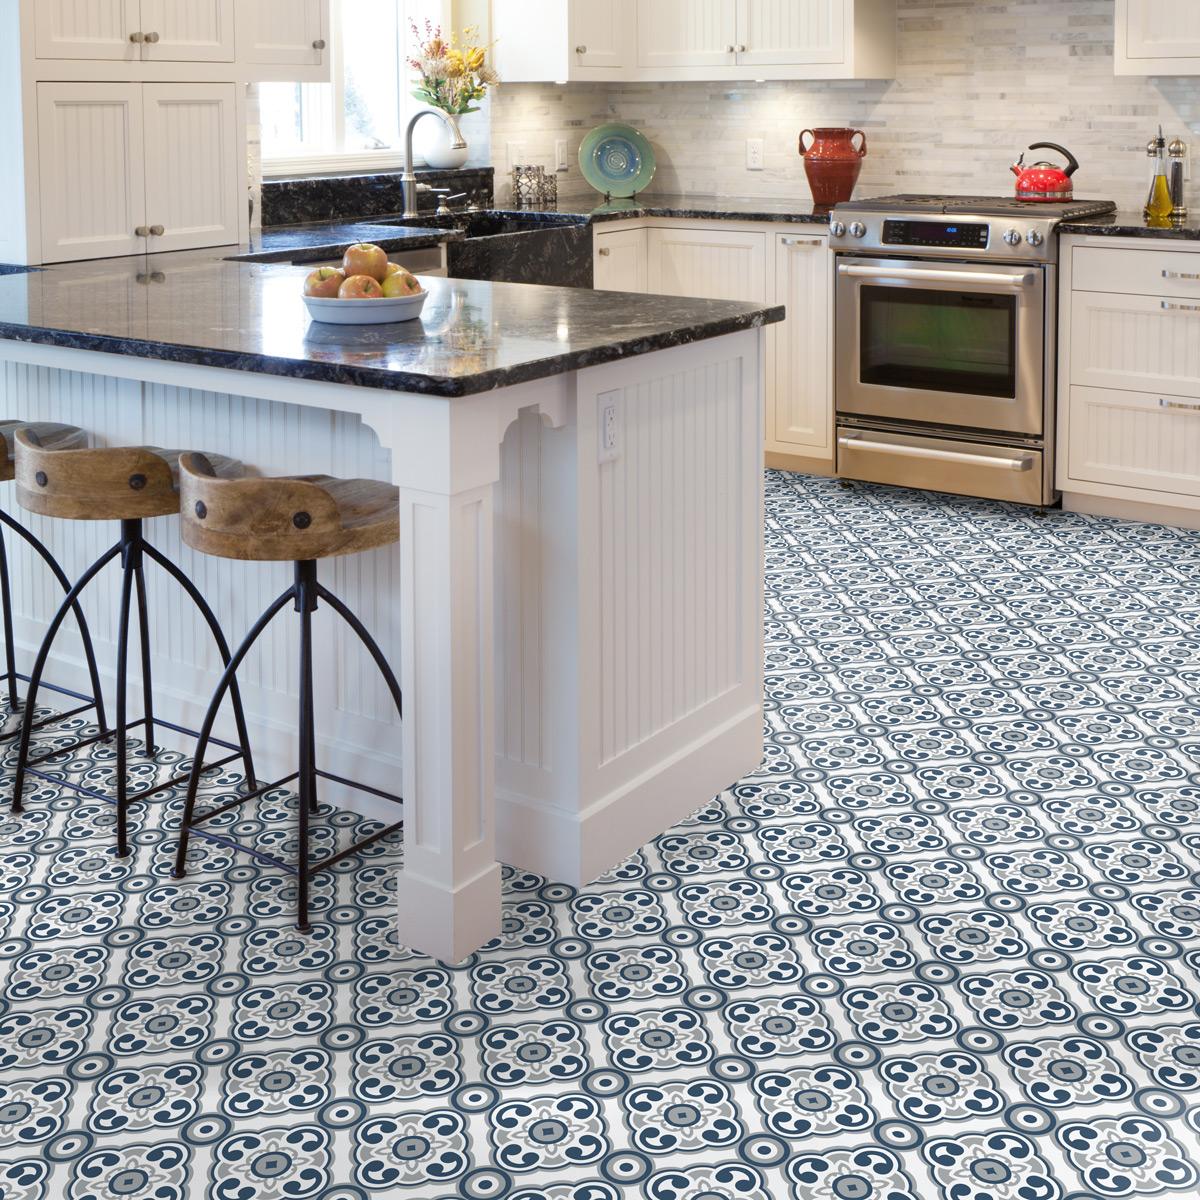 Wall decal floor tiles Lino non-slip - 9x9 cm